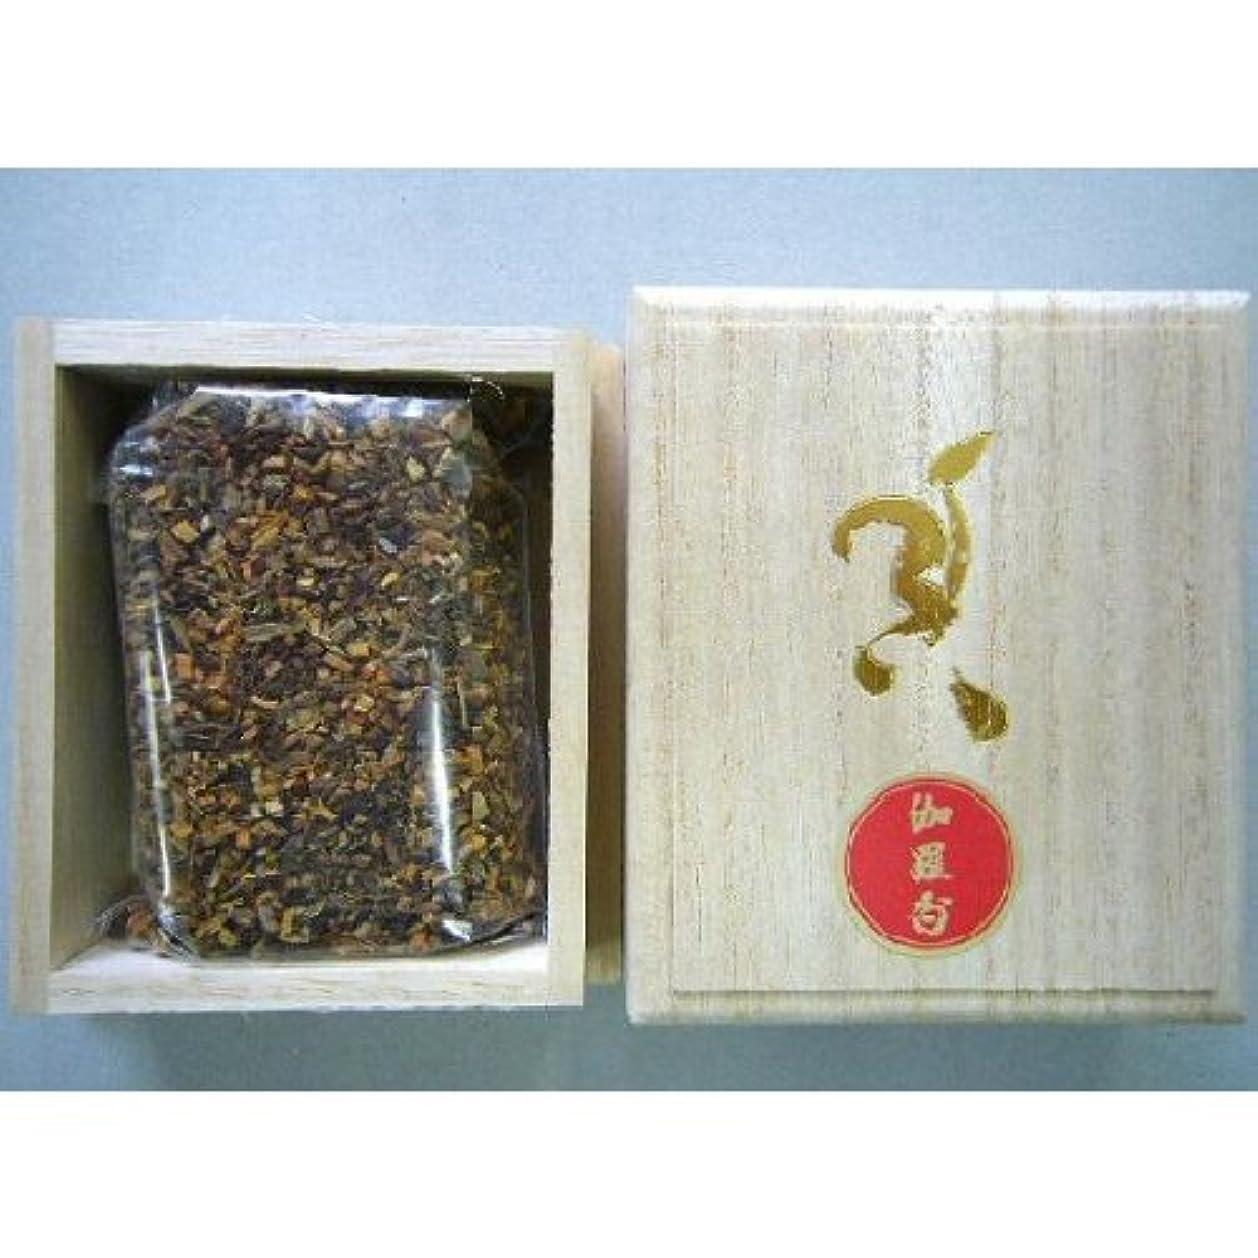 暗記する不機嫌処理する焼香 伽羅香30g桐箱入り 抹香